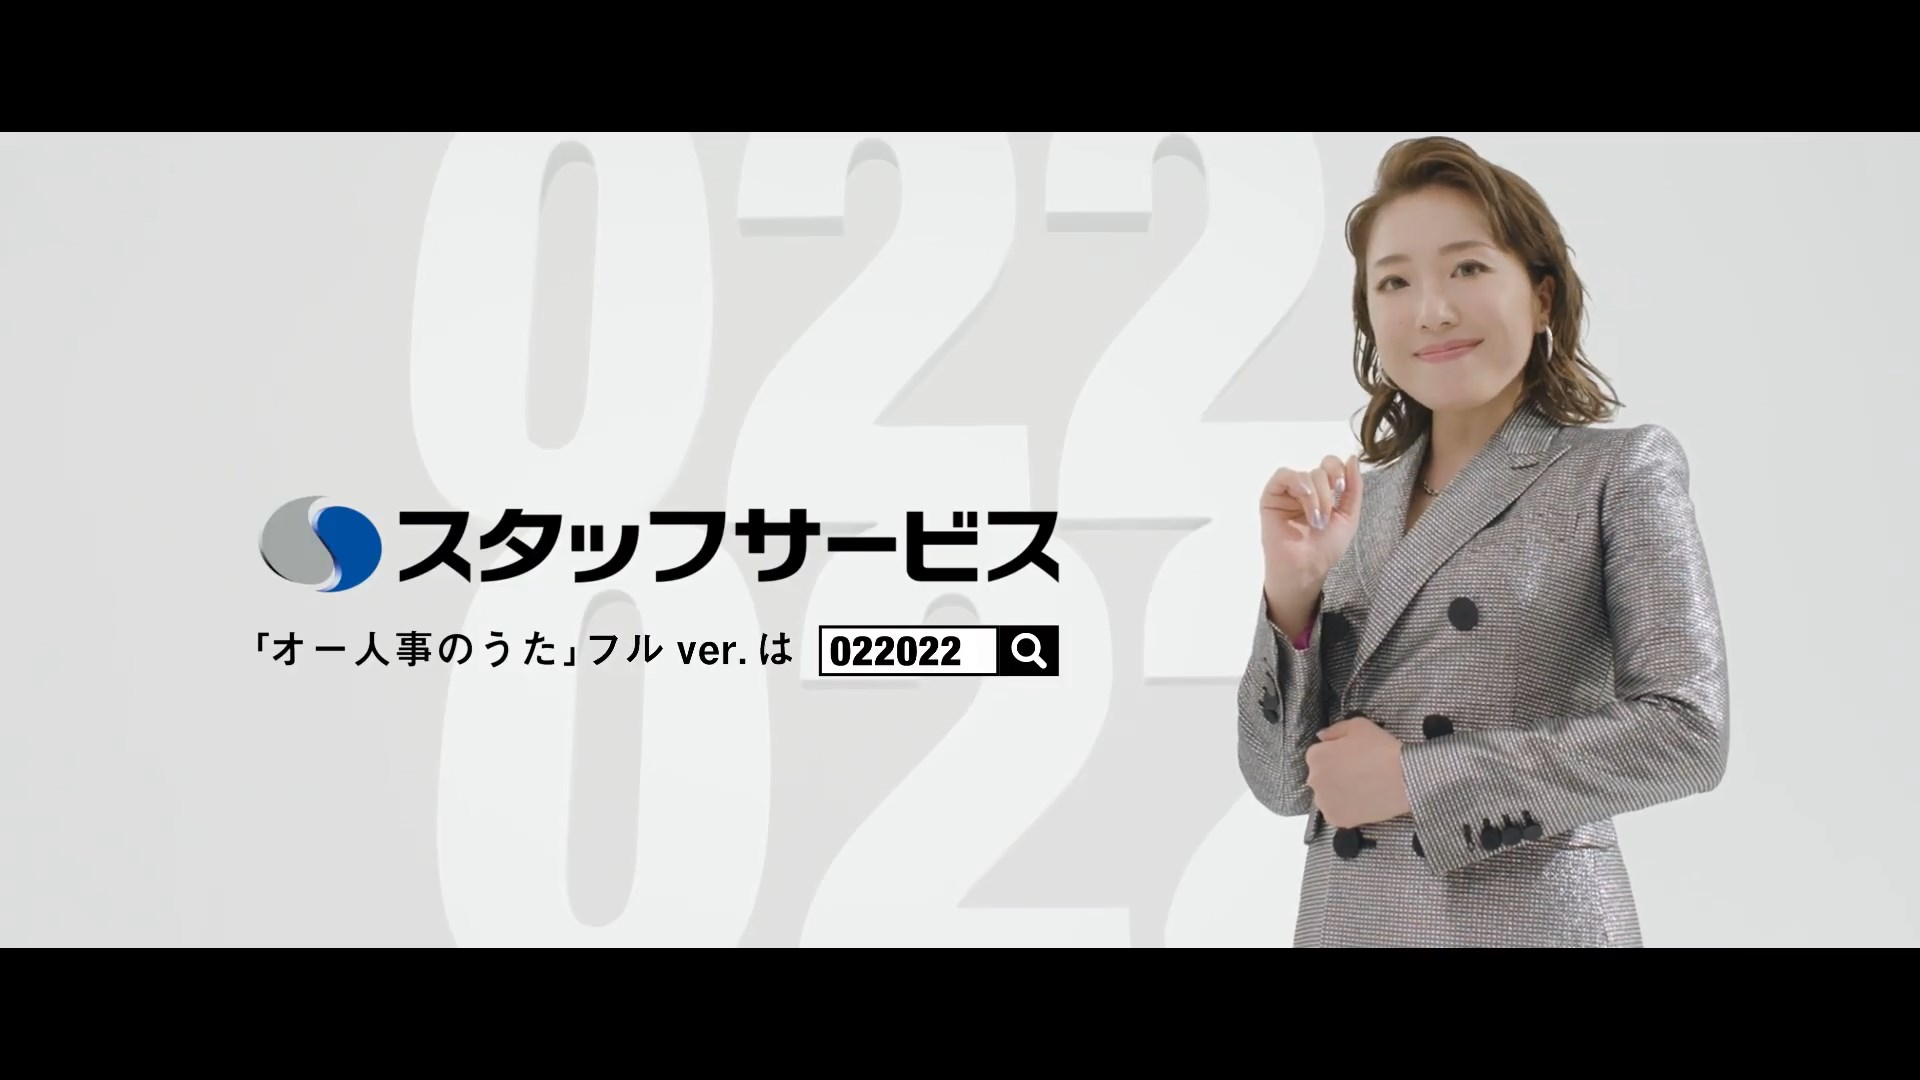 平原綾香 オー人事 CM「オー人事のうた」篇 スタッフサービス